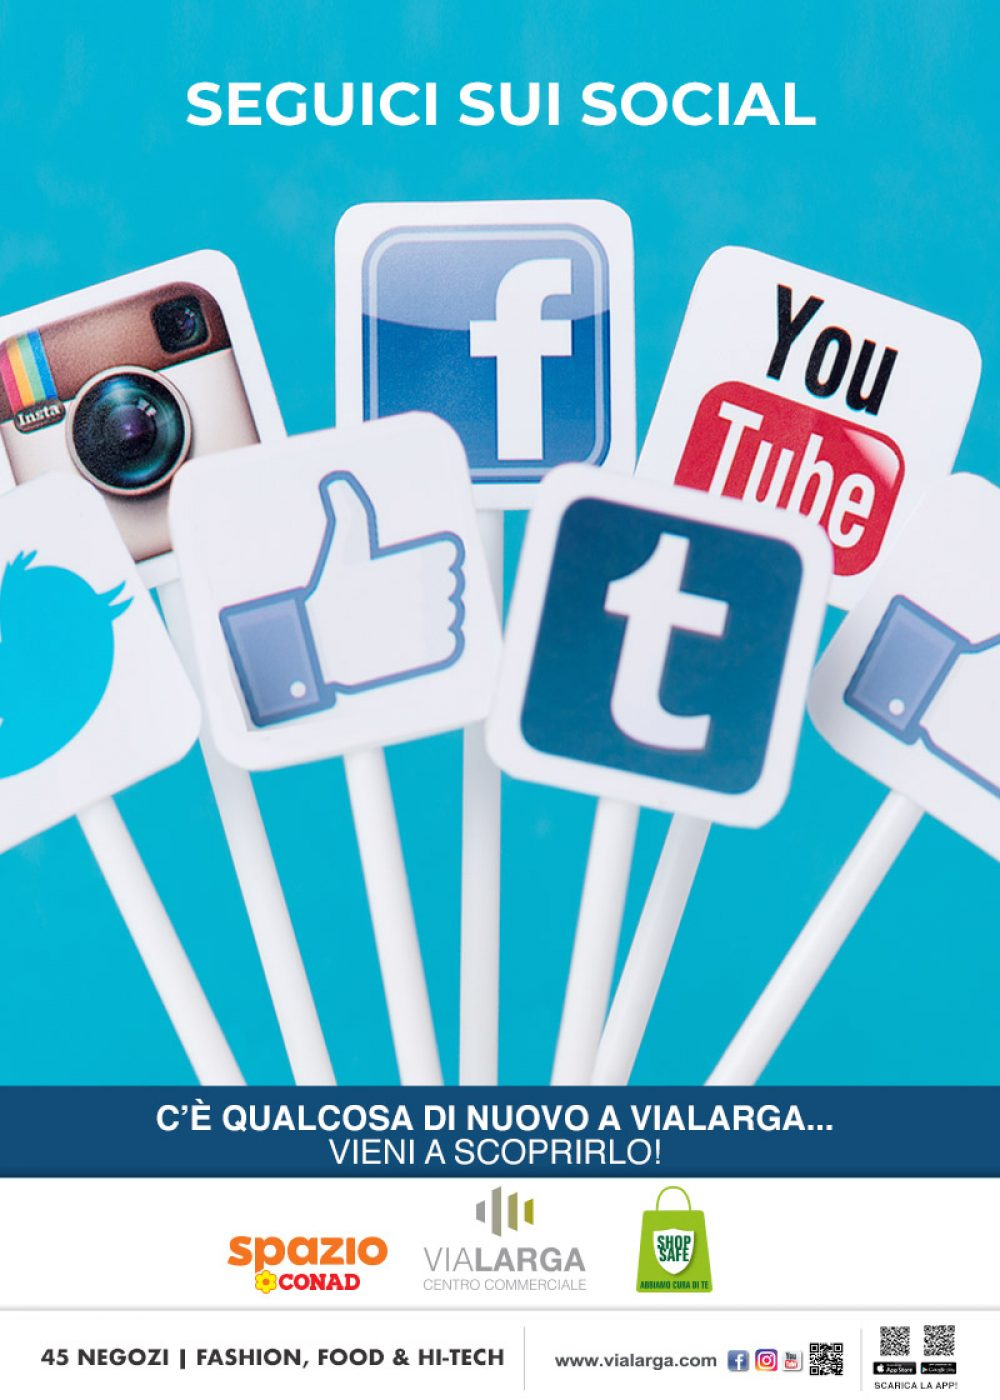 2021.01.01-social-follow-us